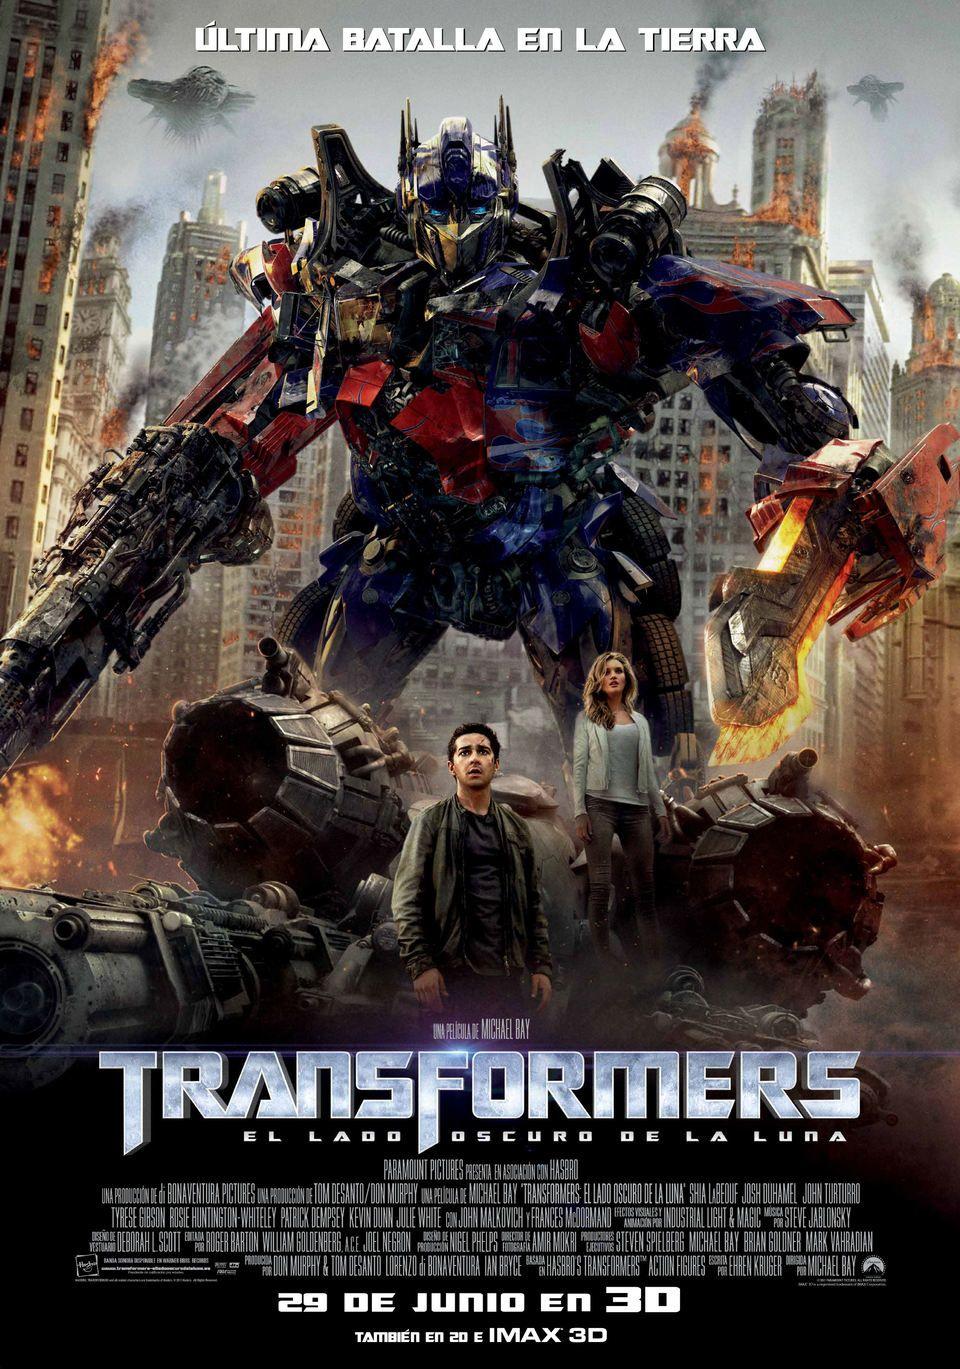 2011 07 03 Transformers 3 El Lado Oscuro De La Luna El Lado Oscuro De La Luna Transformers Películas En Línea Gratis